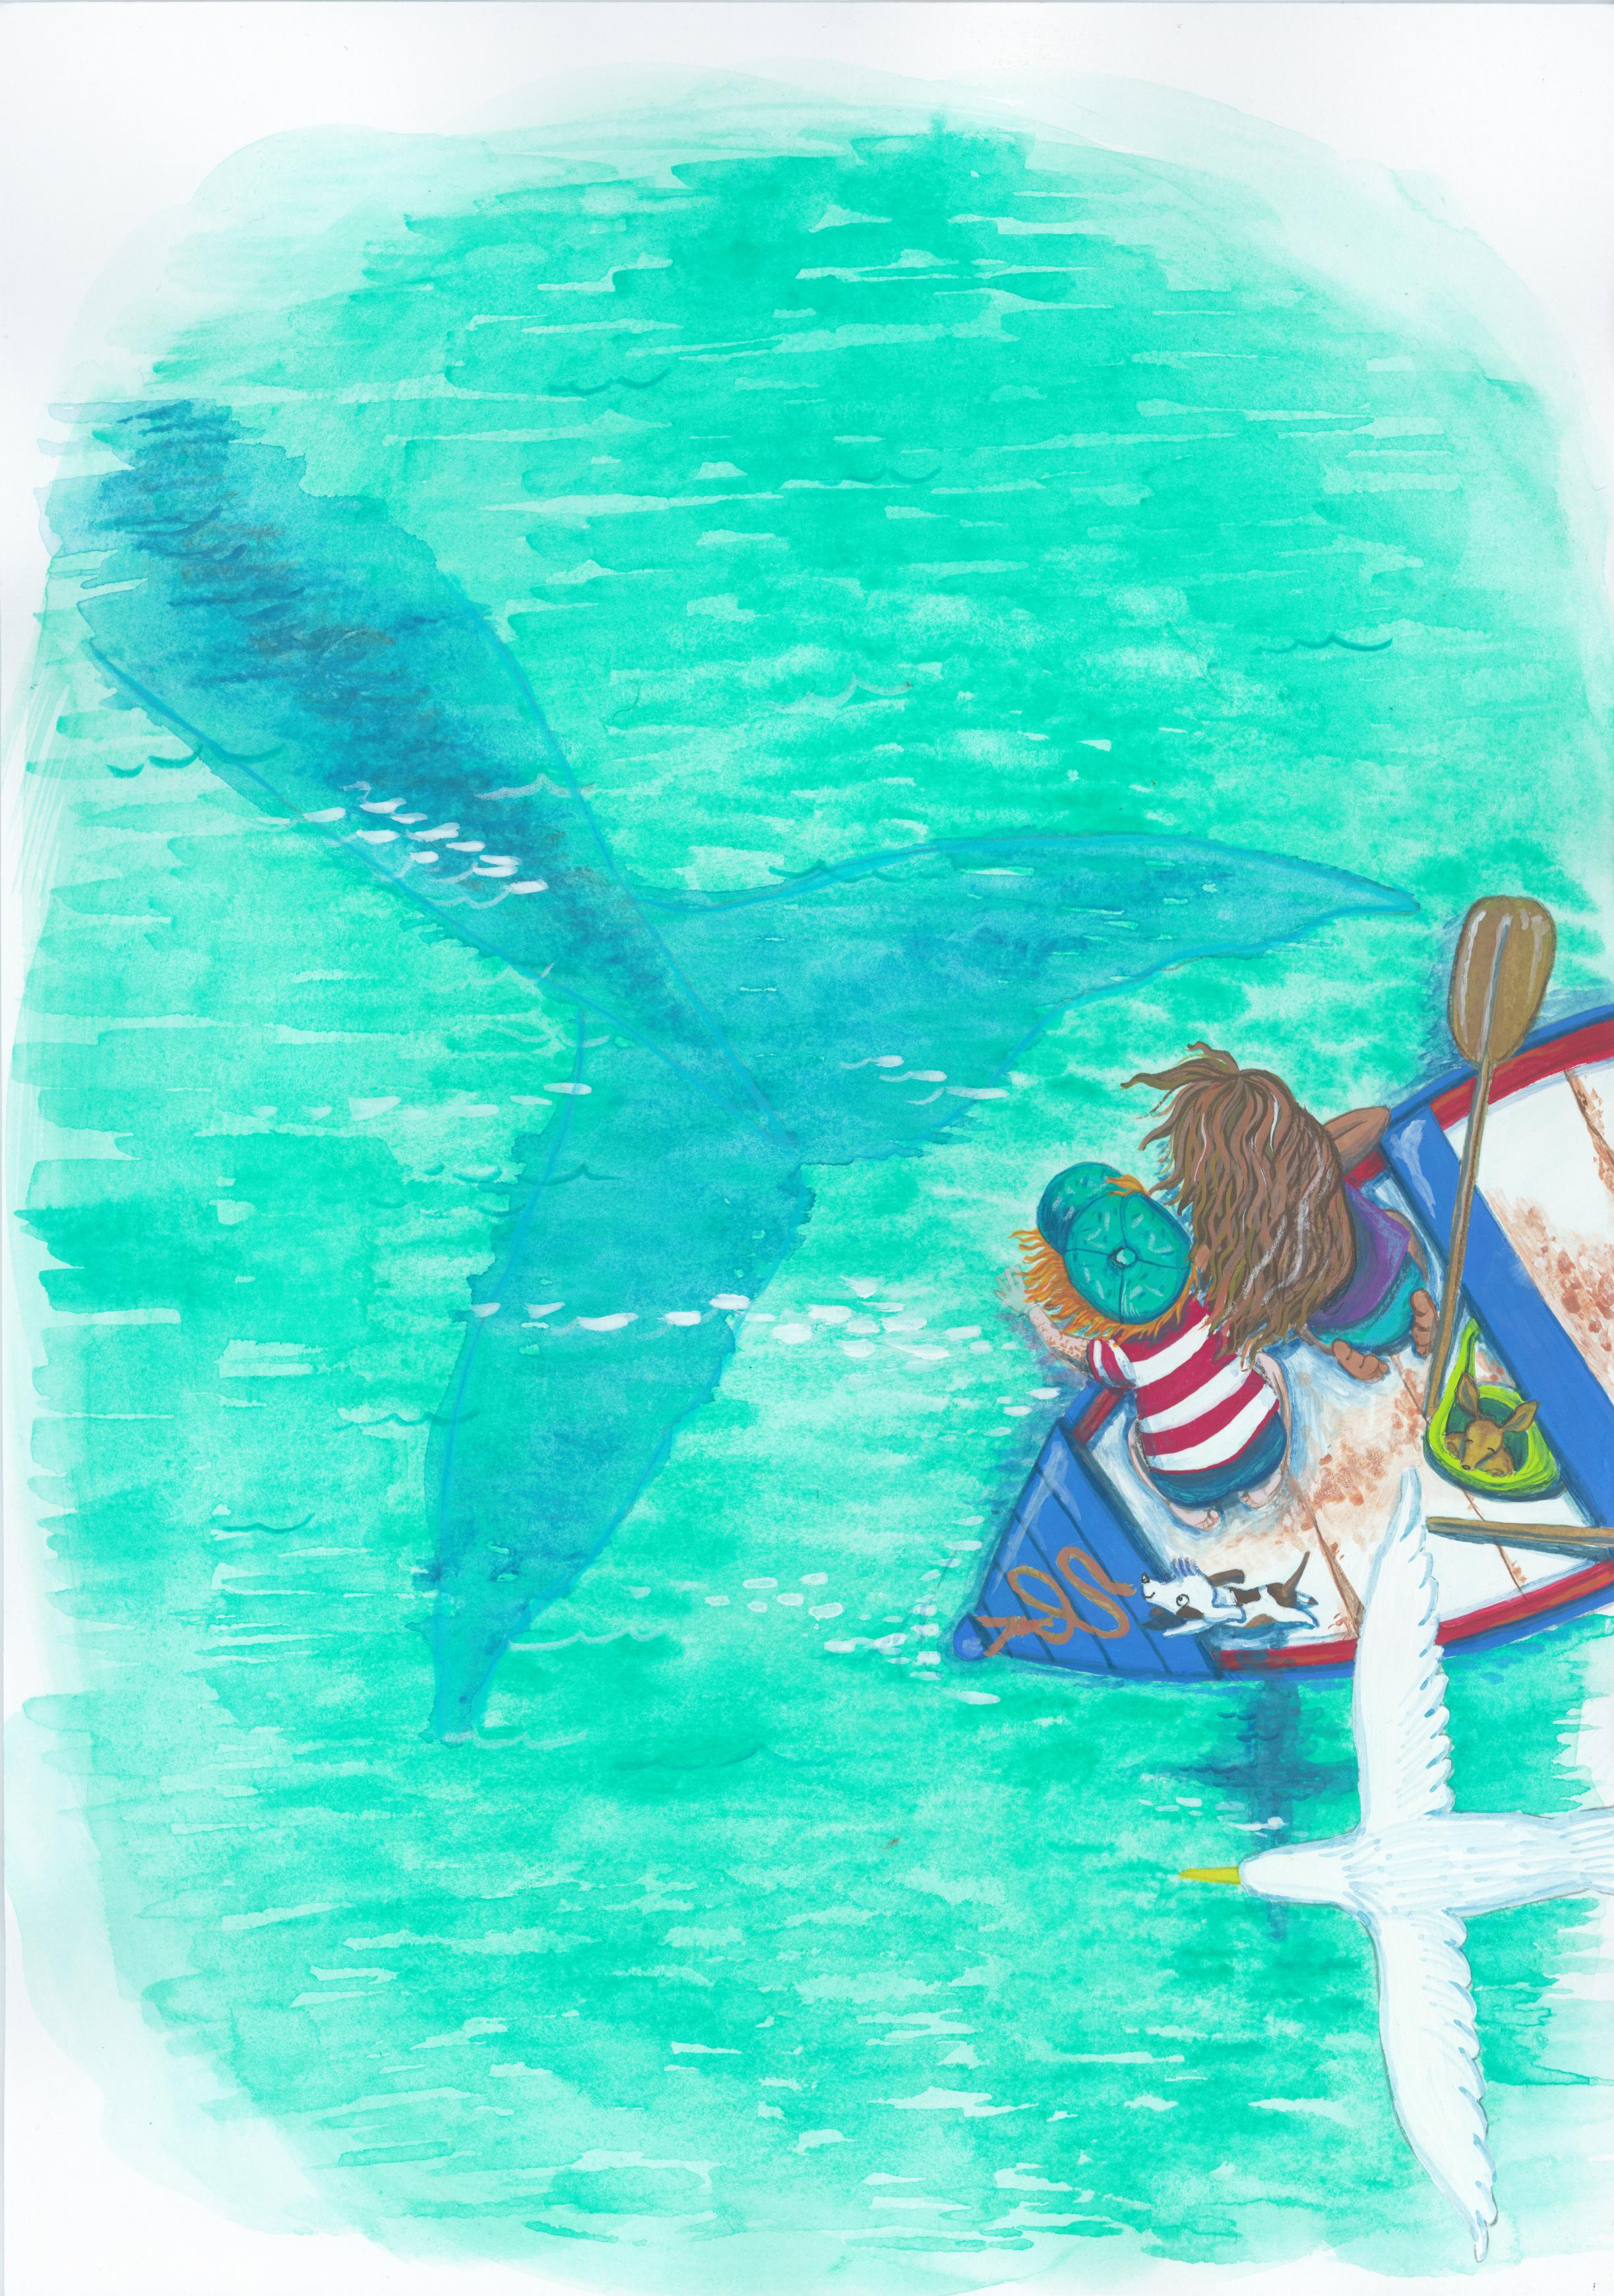 Gouache, Gouacheillustration, Simone Rose Illustration, Kinder, Kinderbuchillustration, Kinderbuch, Bilderbuch, Illustratorin, Australien, Aborigene, Wal, Meer